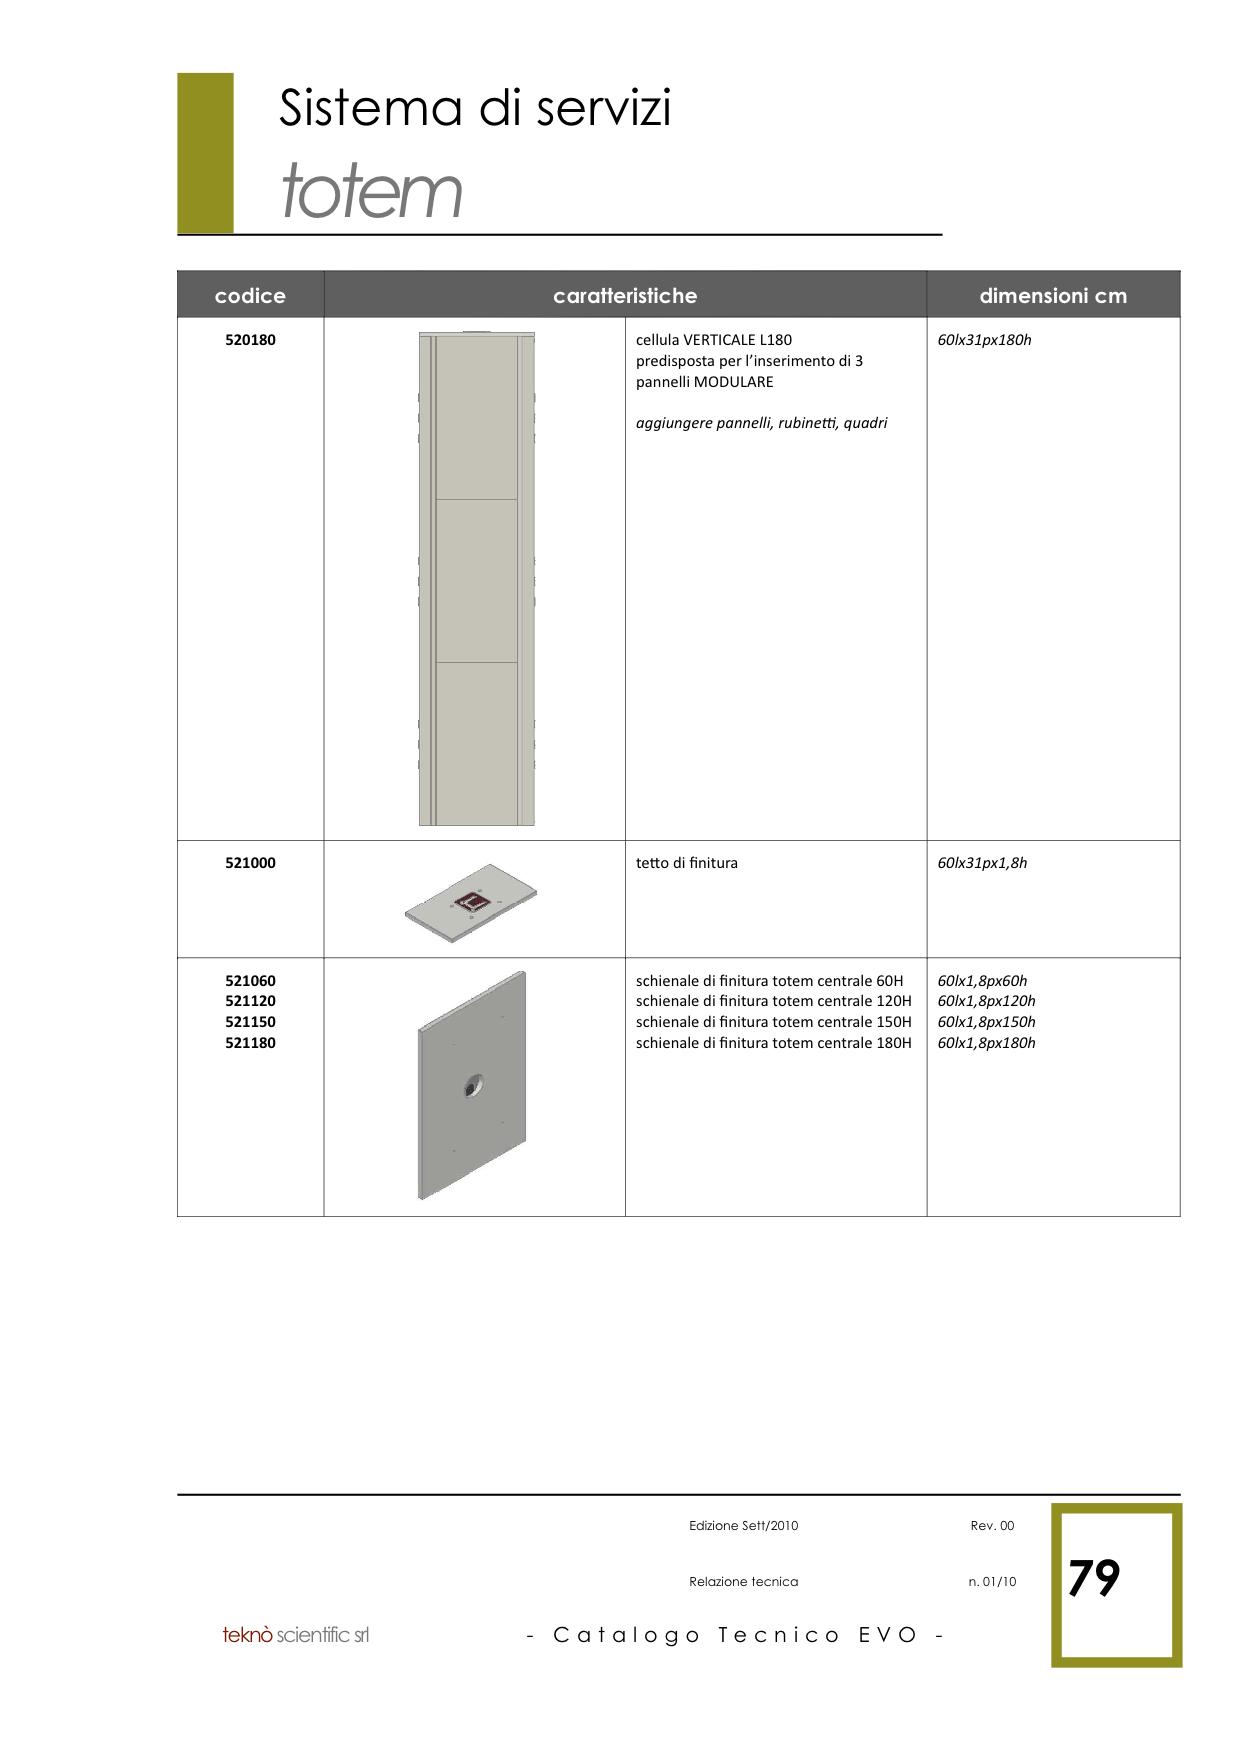 EVO Catalogo Tecnico Generale copia 79.png